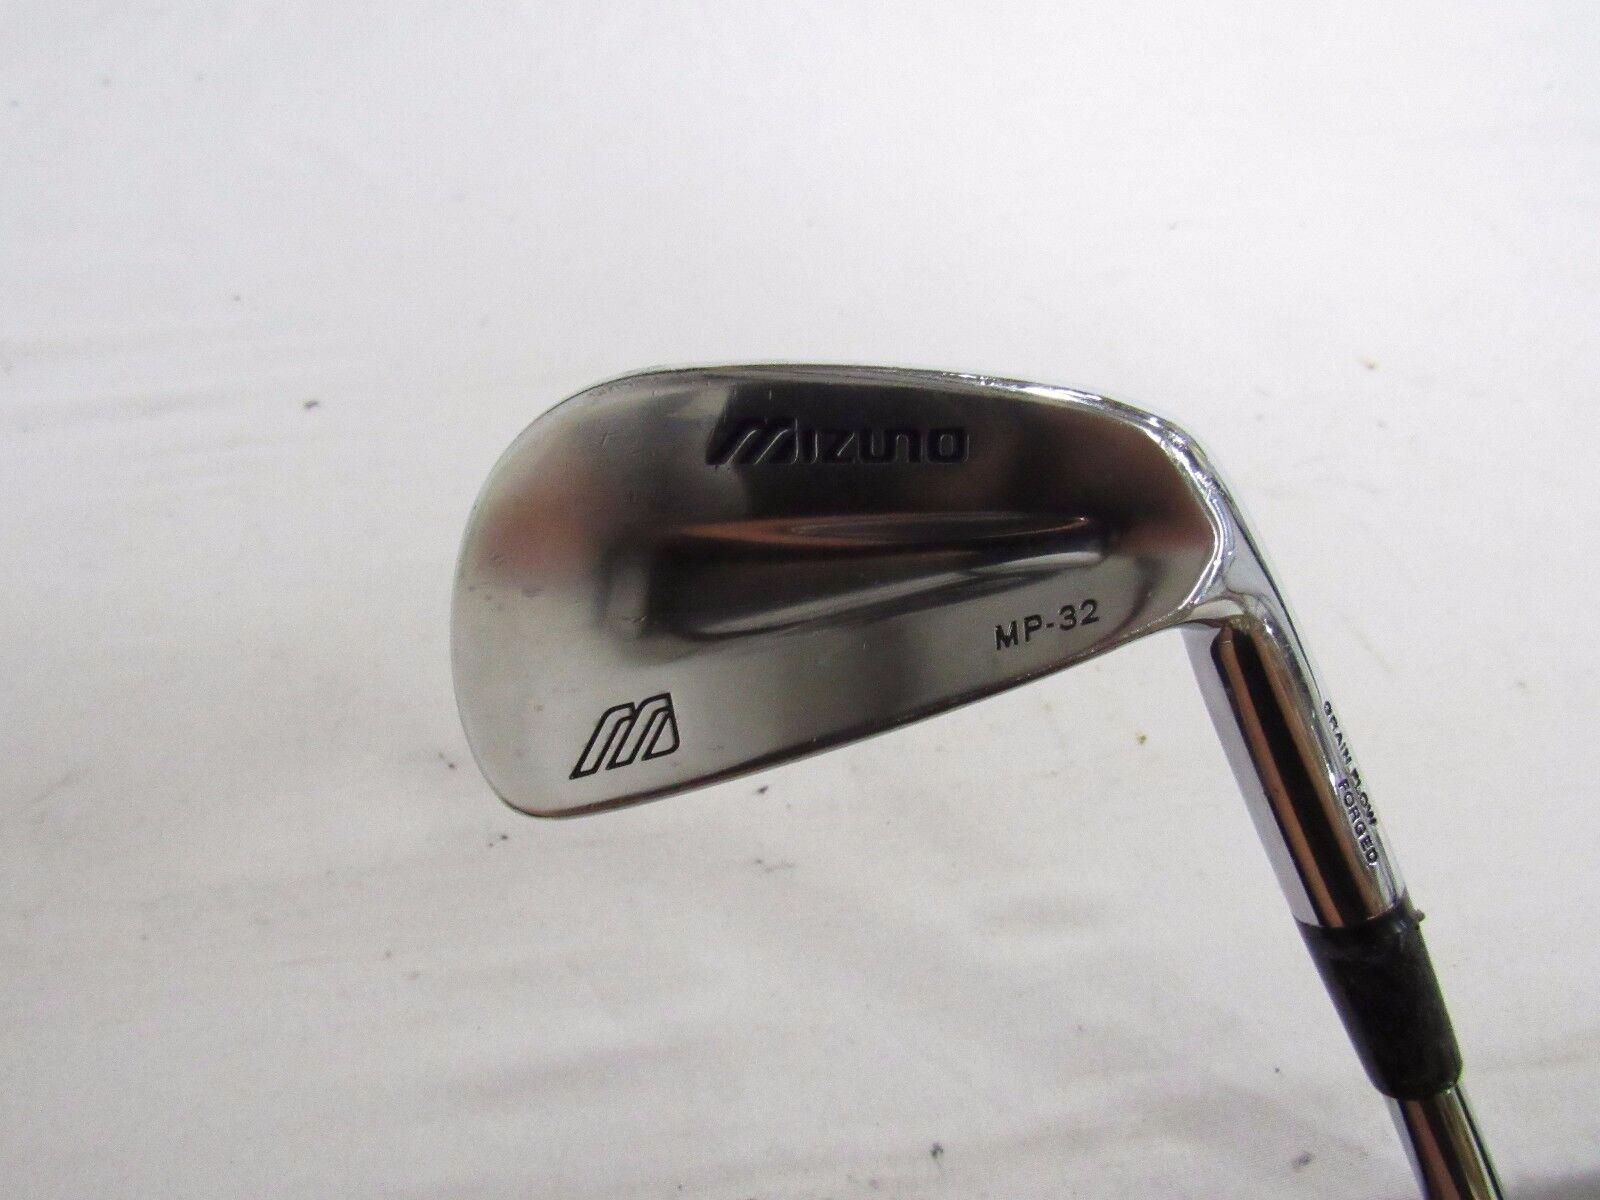 Mizuno MP-32 solo 6-Hierro dinámico S300 oro Acero rígido  (s) MP32 Flex utilizado mano derecha  diseño simple y generoso